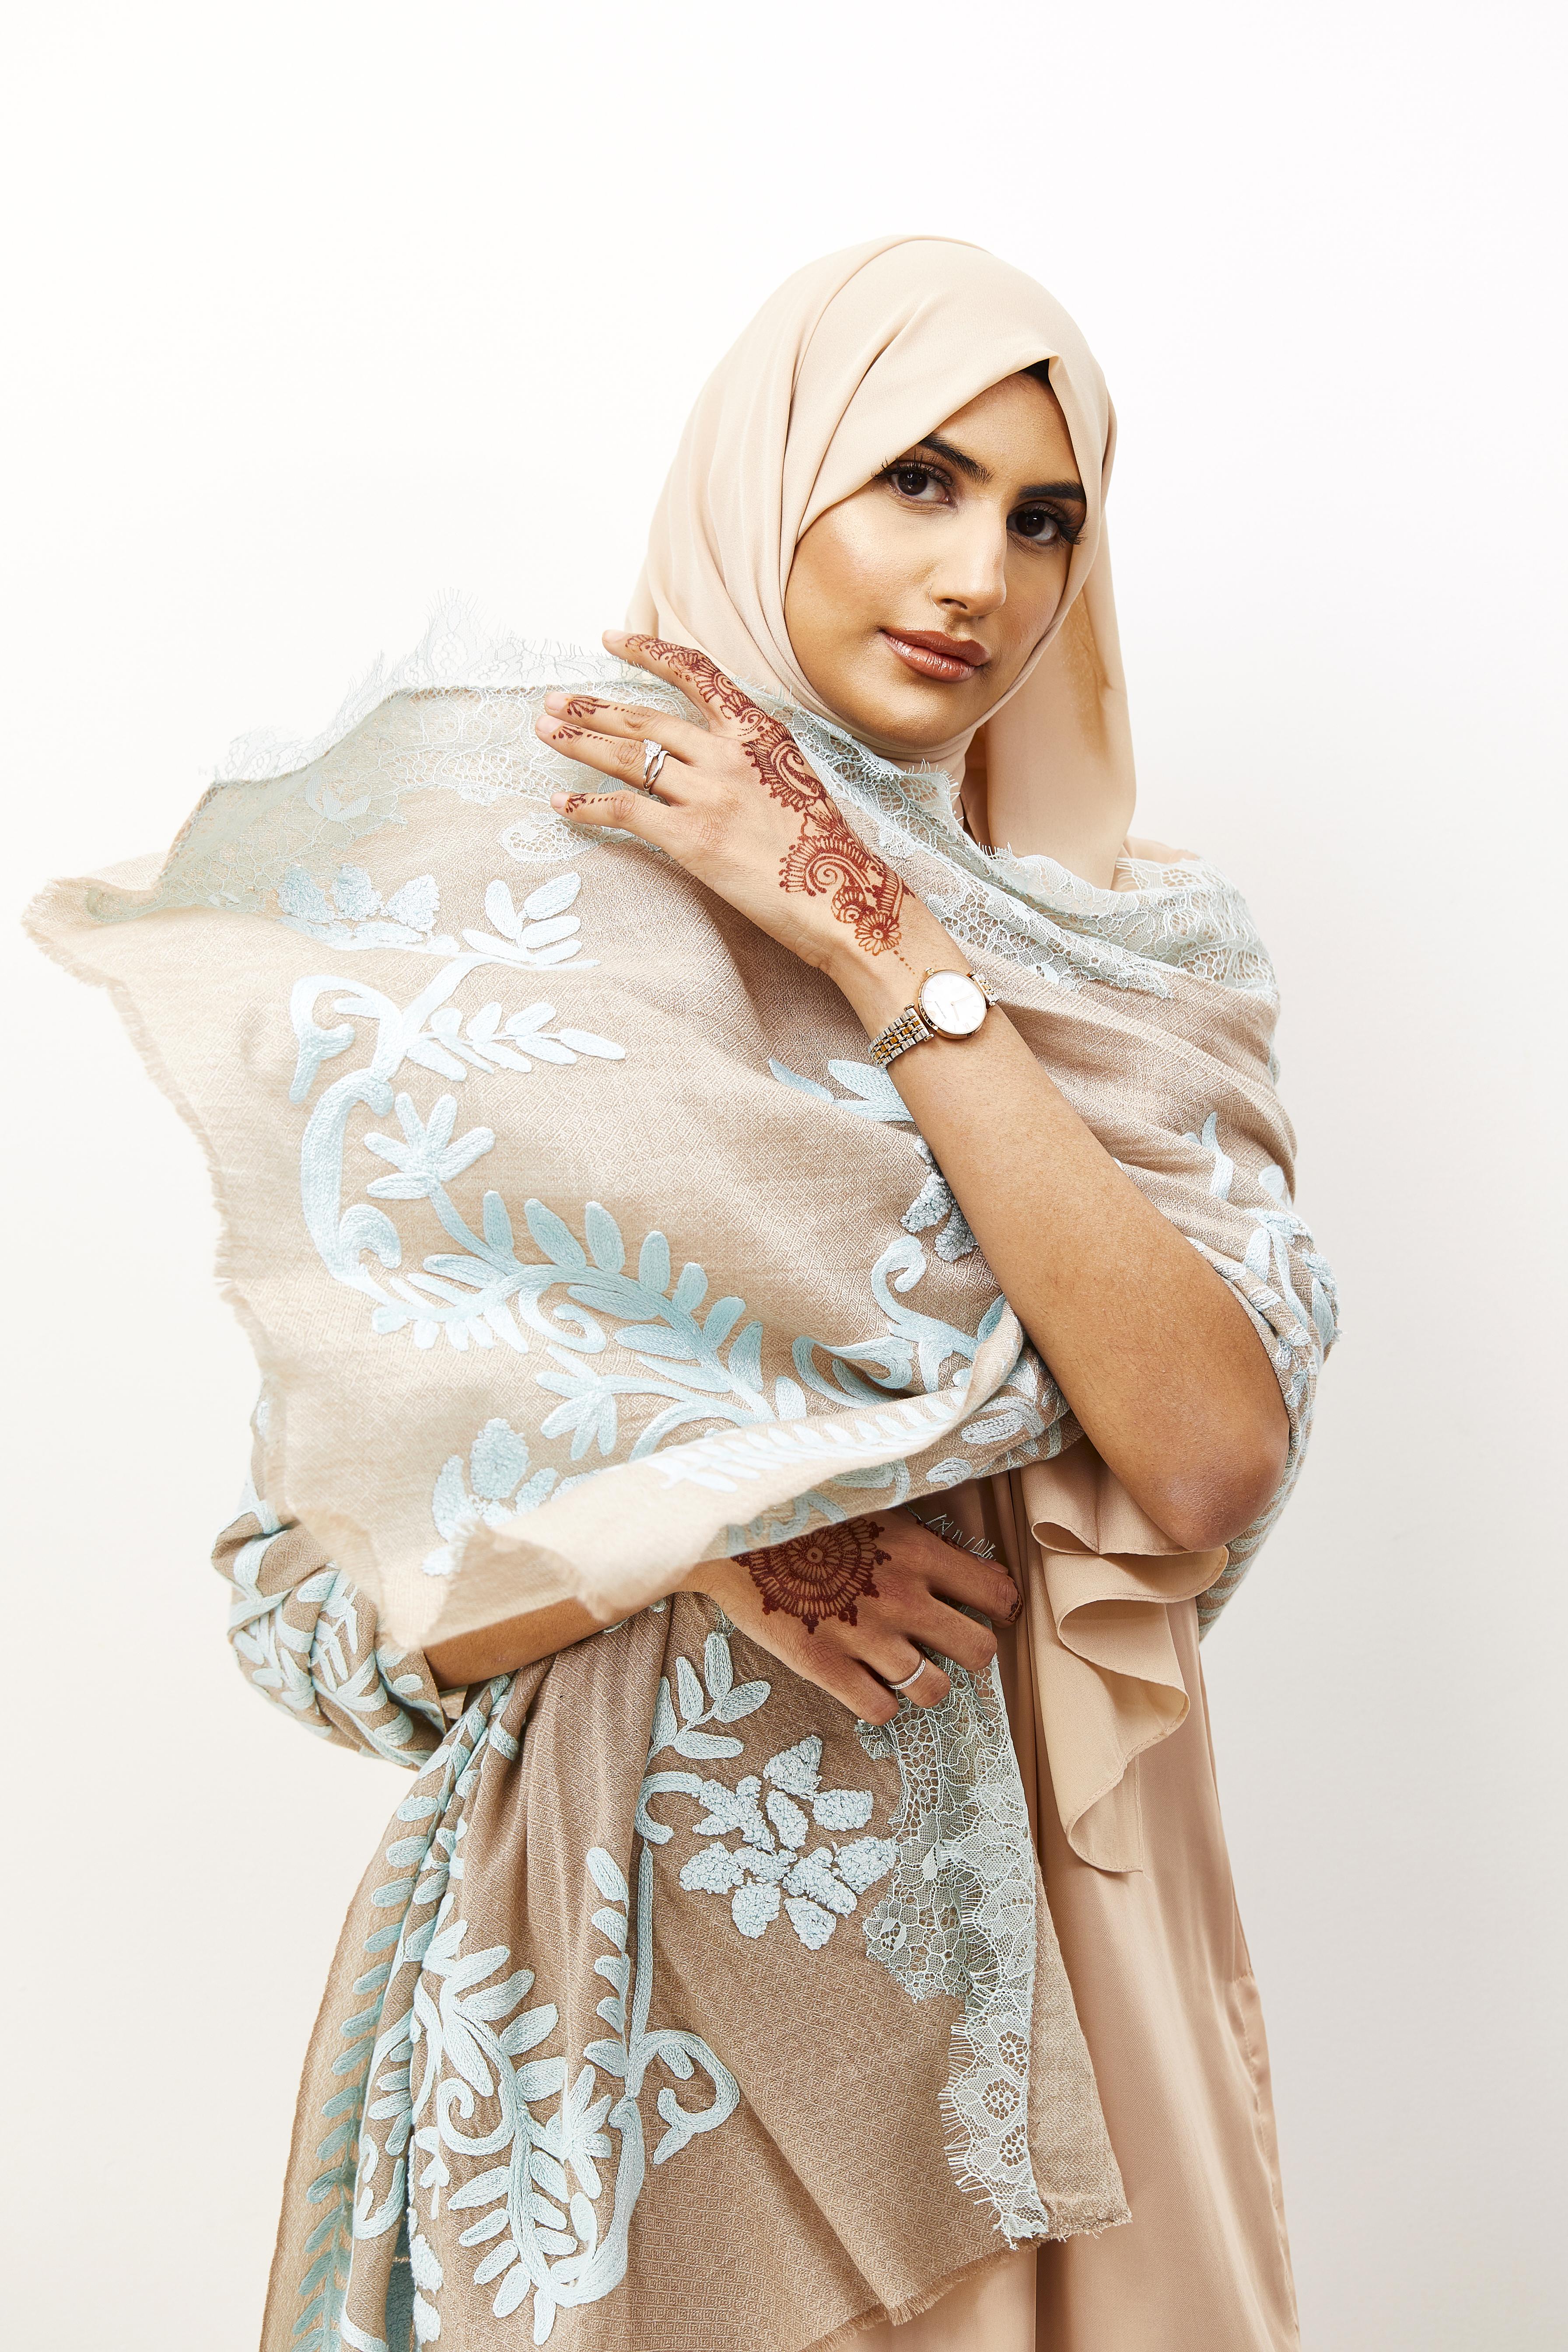 BBC Mariya Ahmad 21-06-183887 1